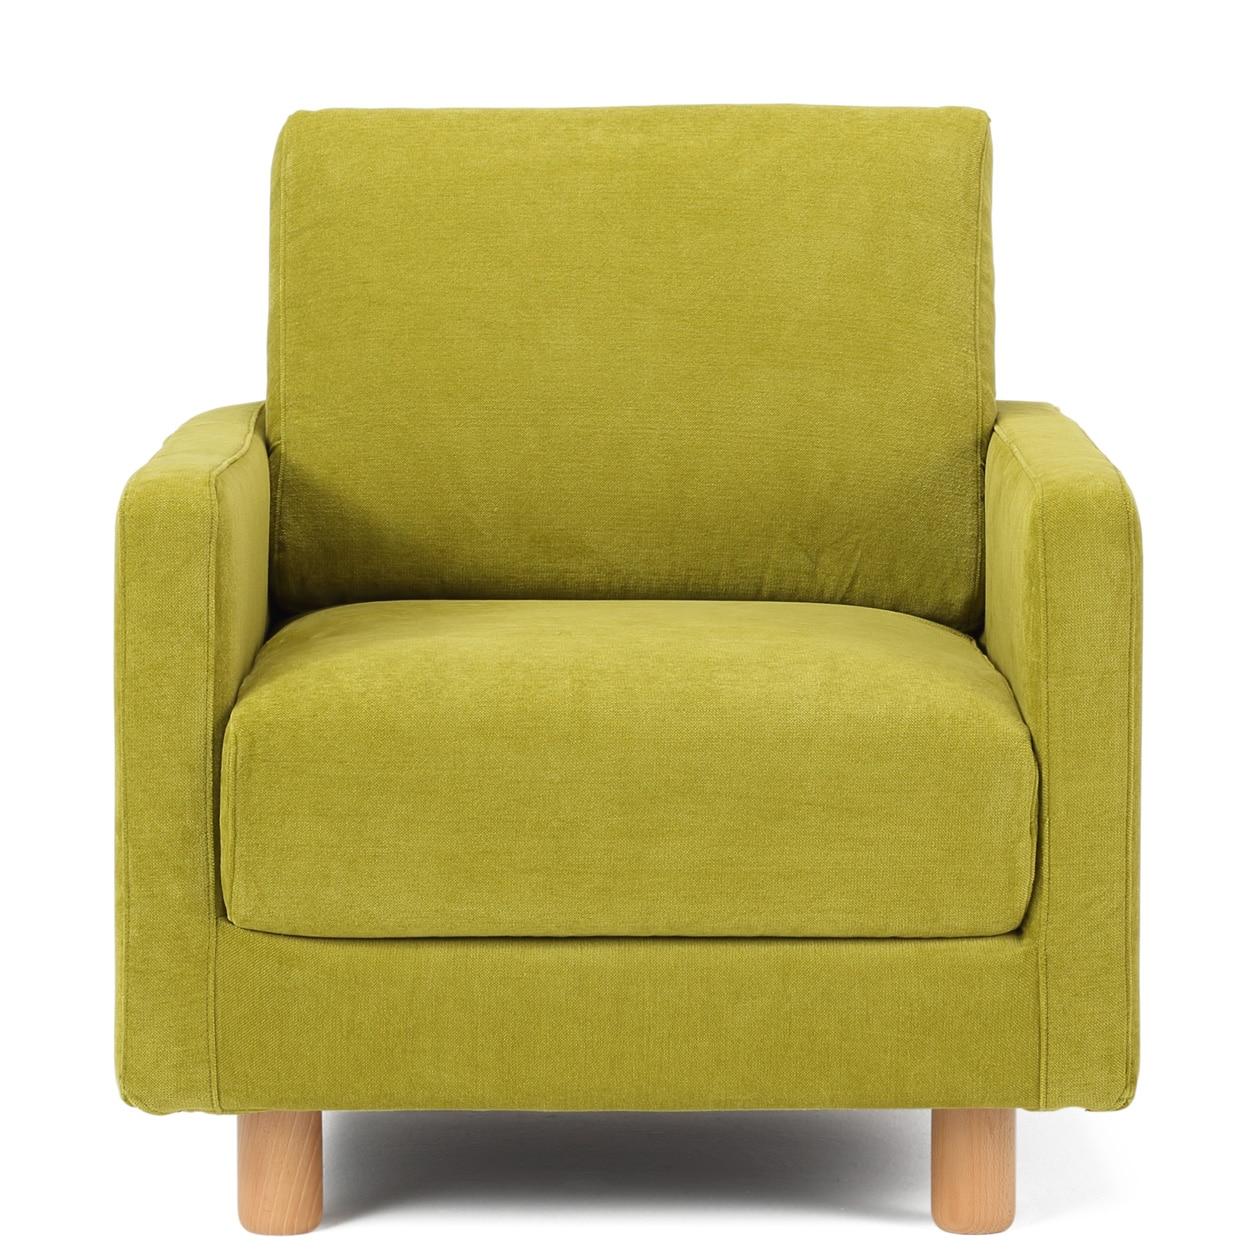 RoomClip商品情報 - 綿シェニール・グリーン・ソファ本体スリムアーム用カバー 1シーター用/グリーン